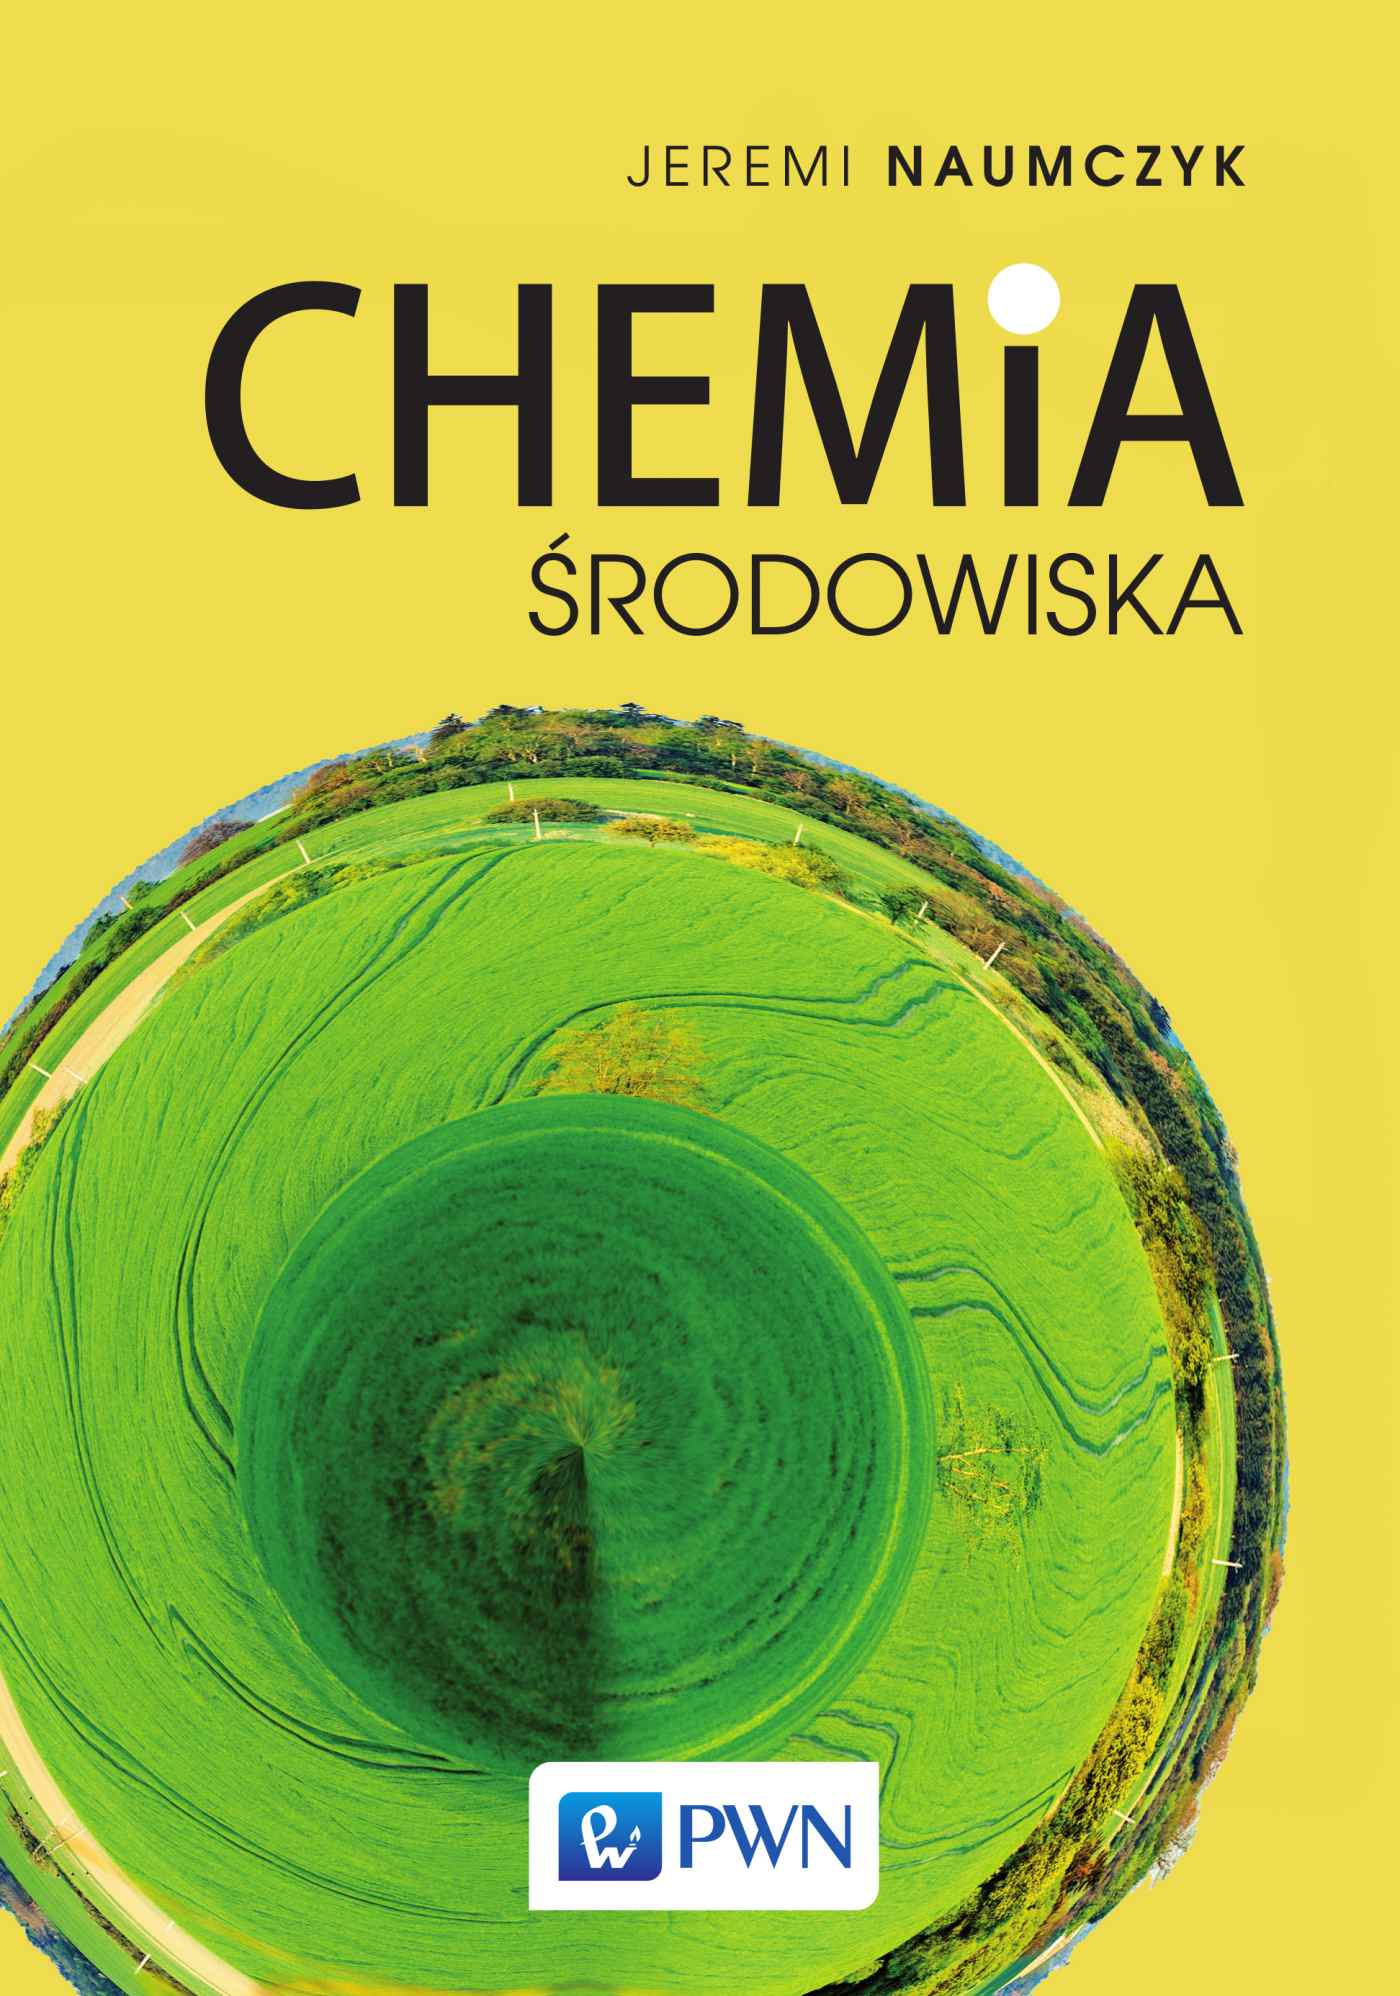 Chemia środowiska - Ebook (Książka na Kindle) do pobrania w formacie MOBI